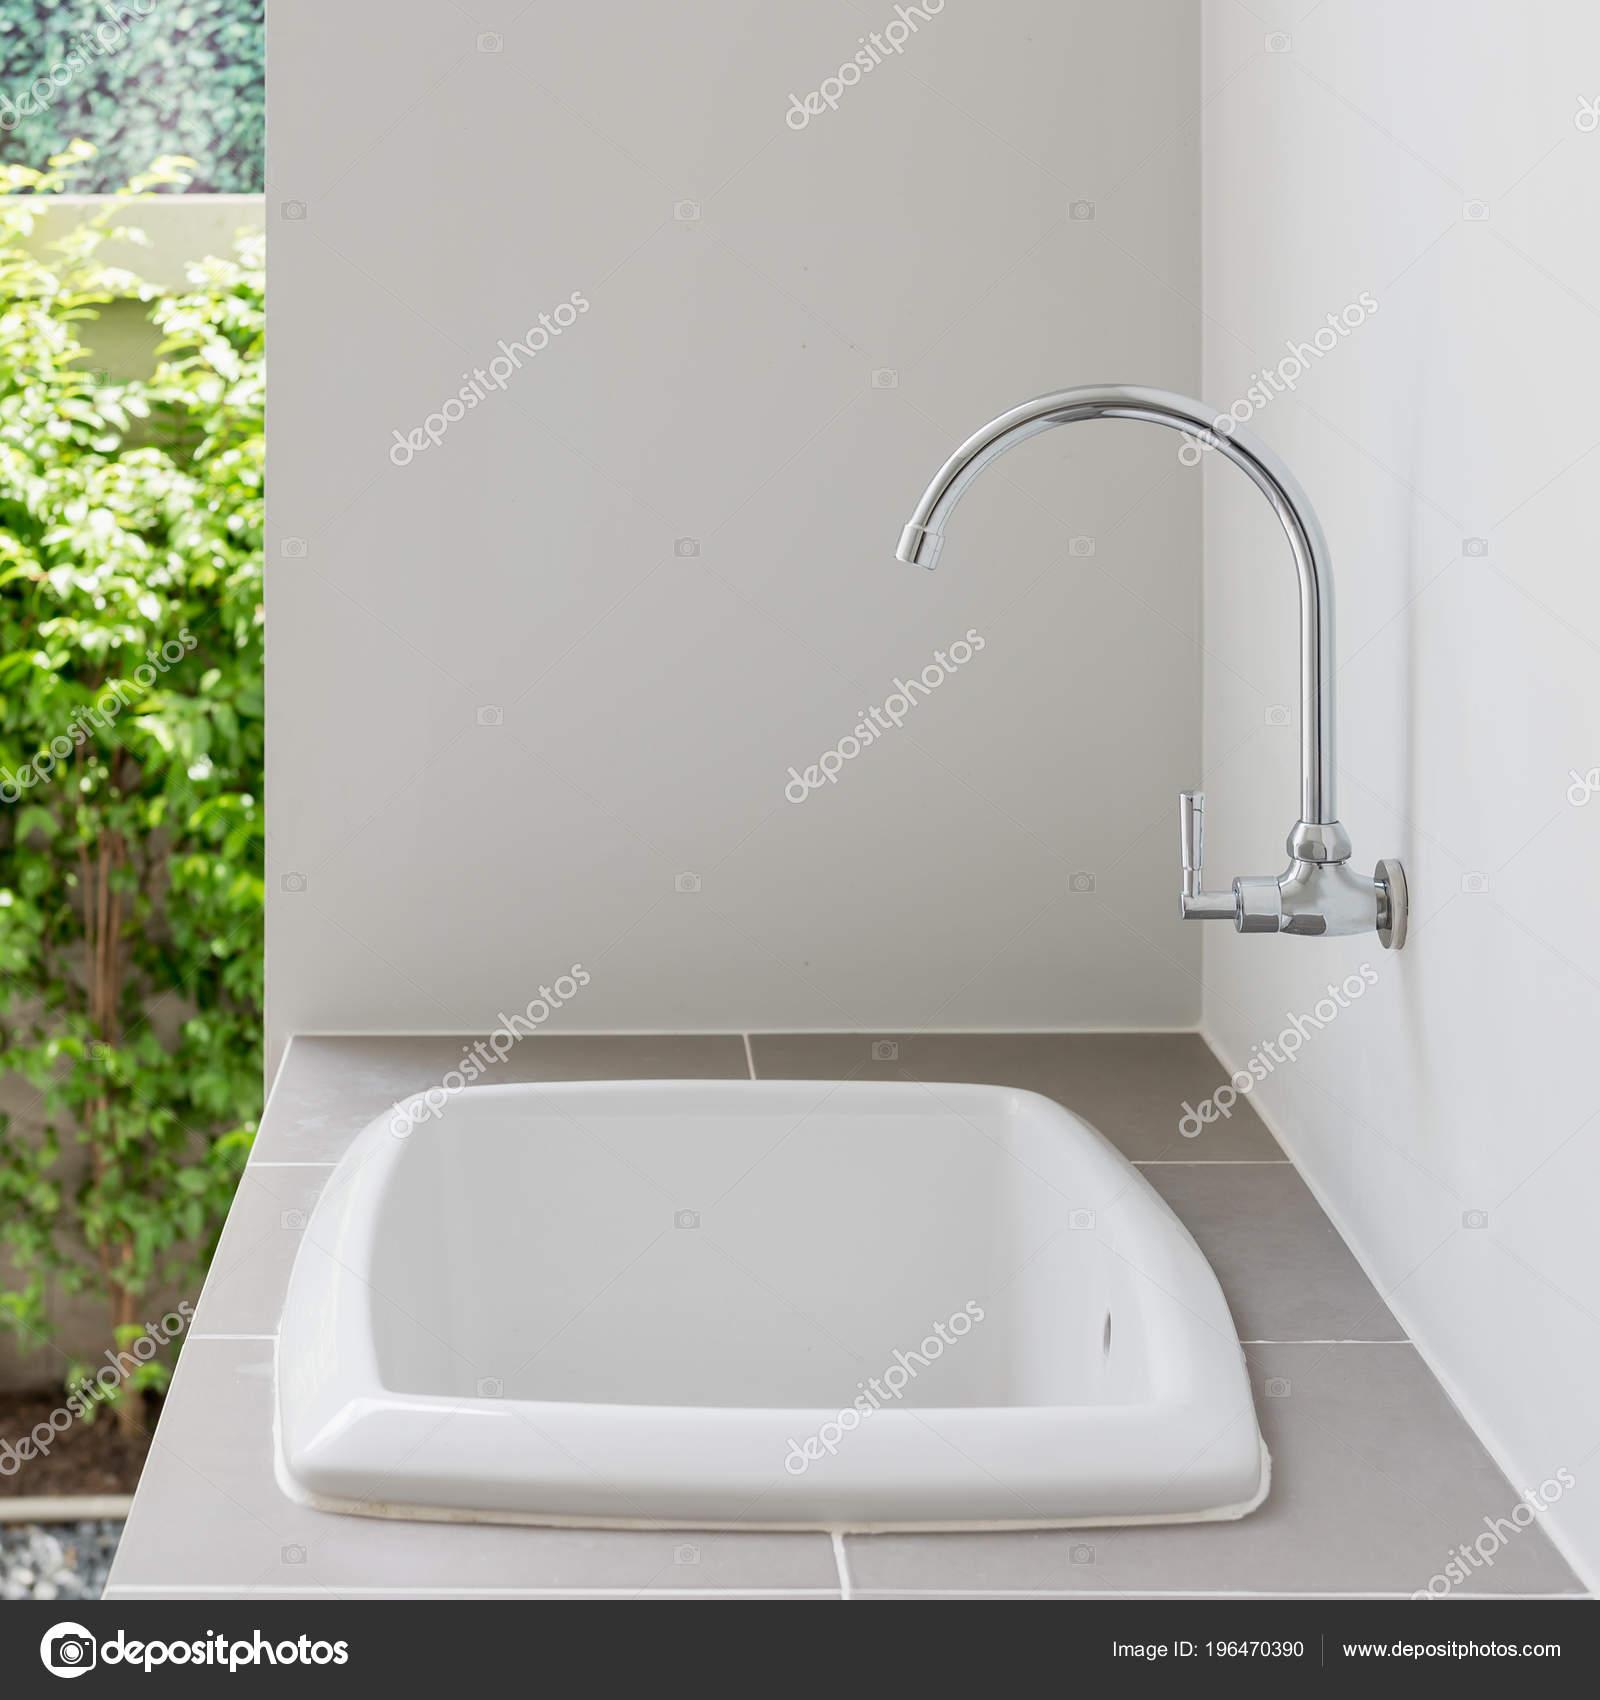 Moderne Waschbecken Auf Theke Mit Wasserhahn Wand